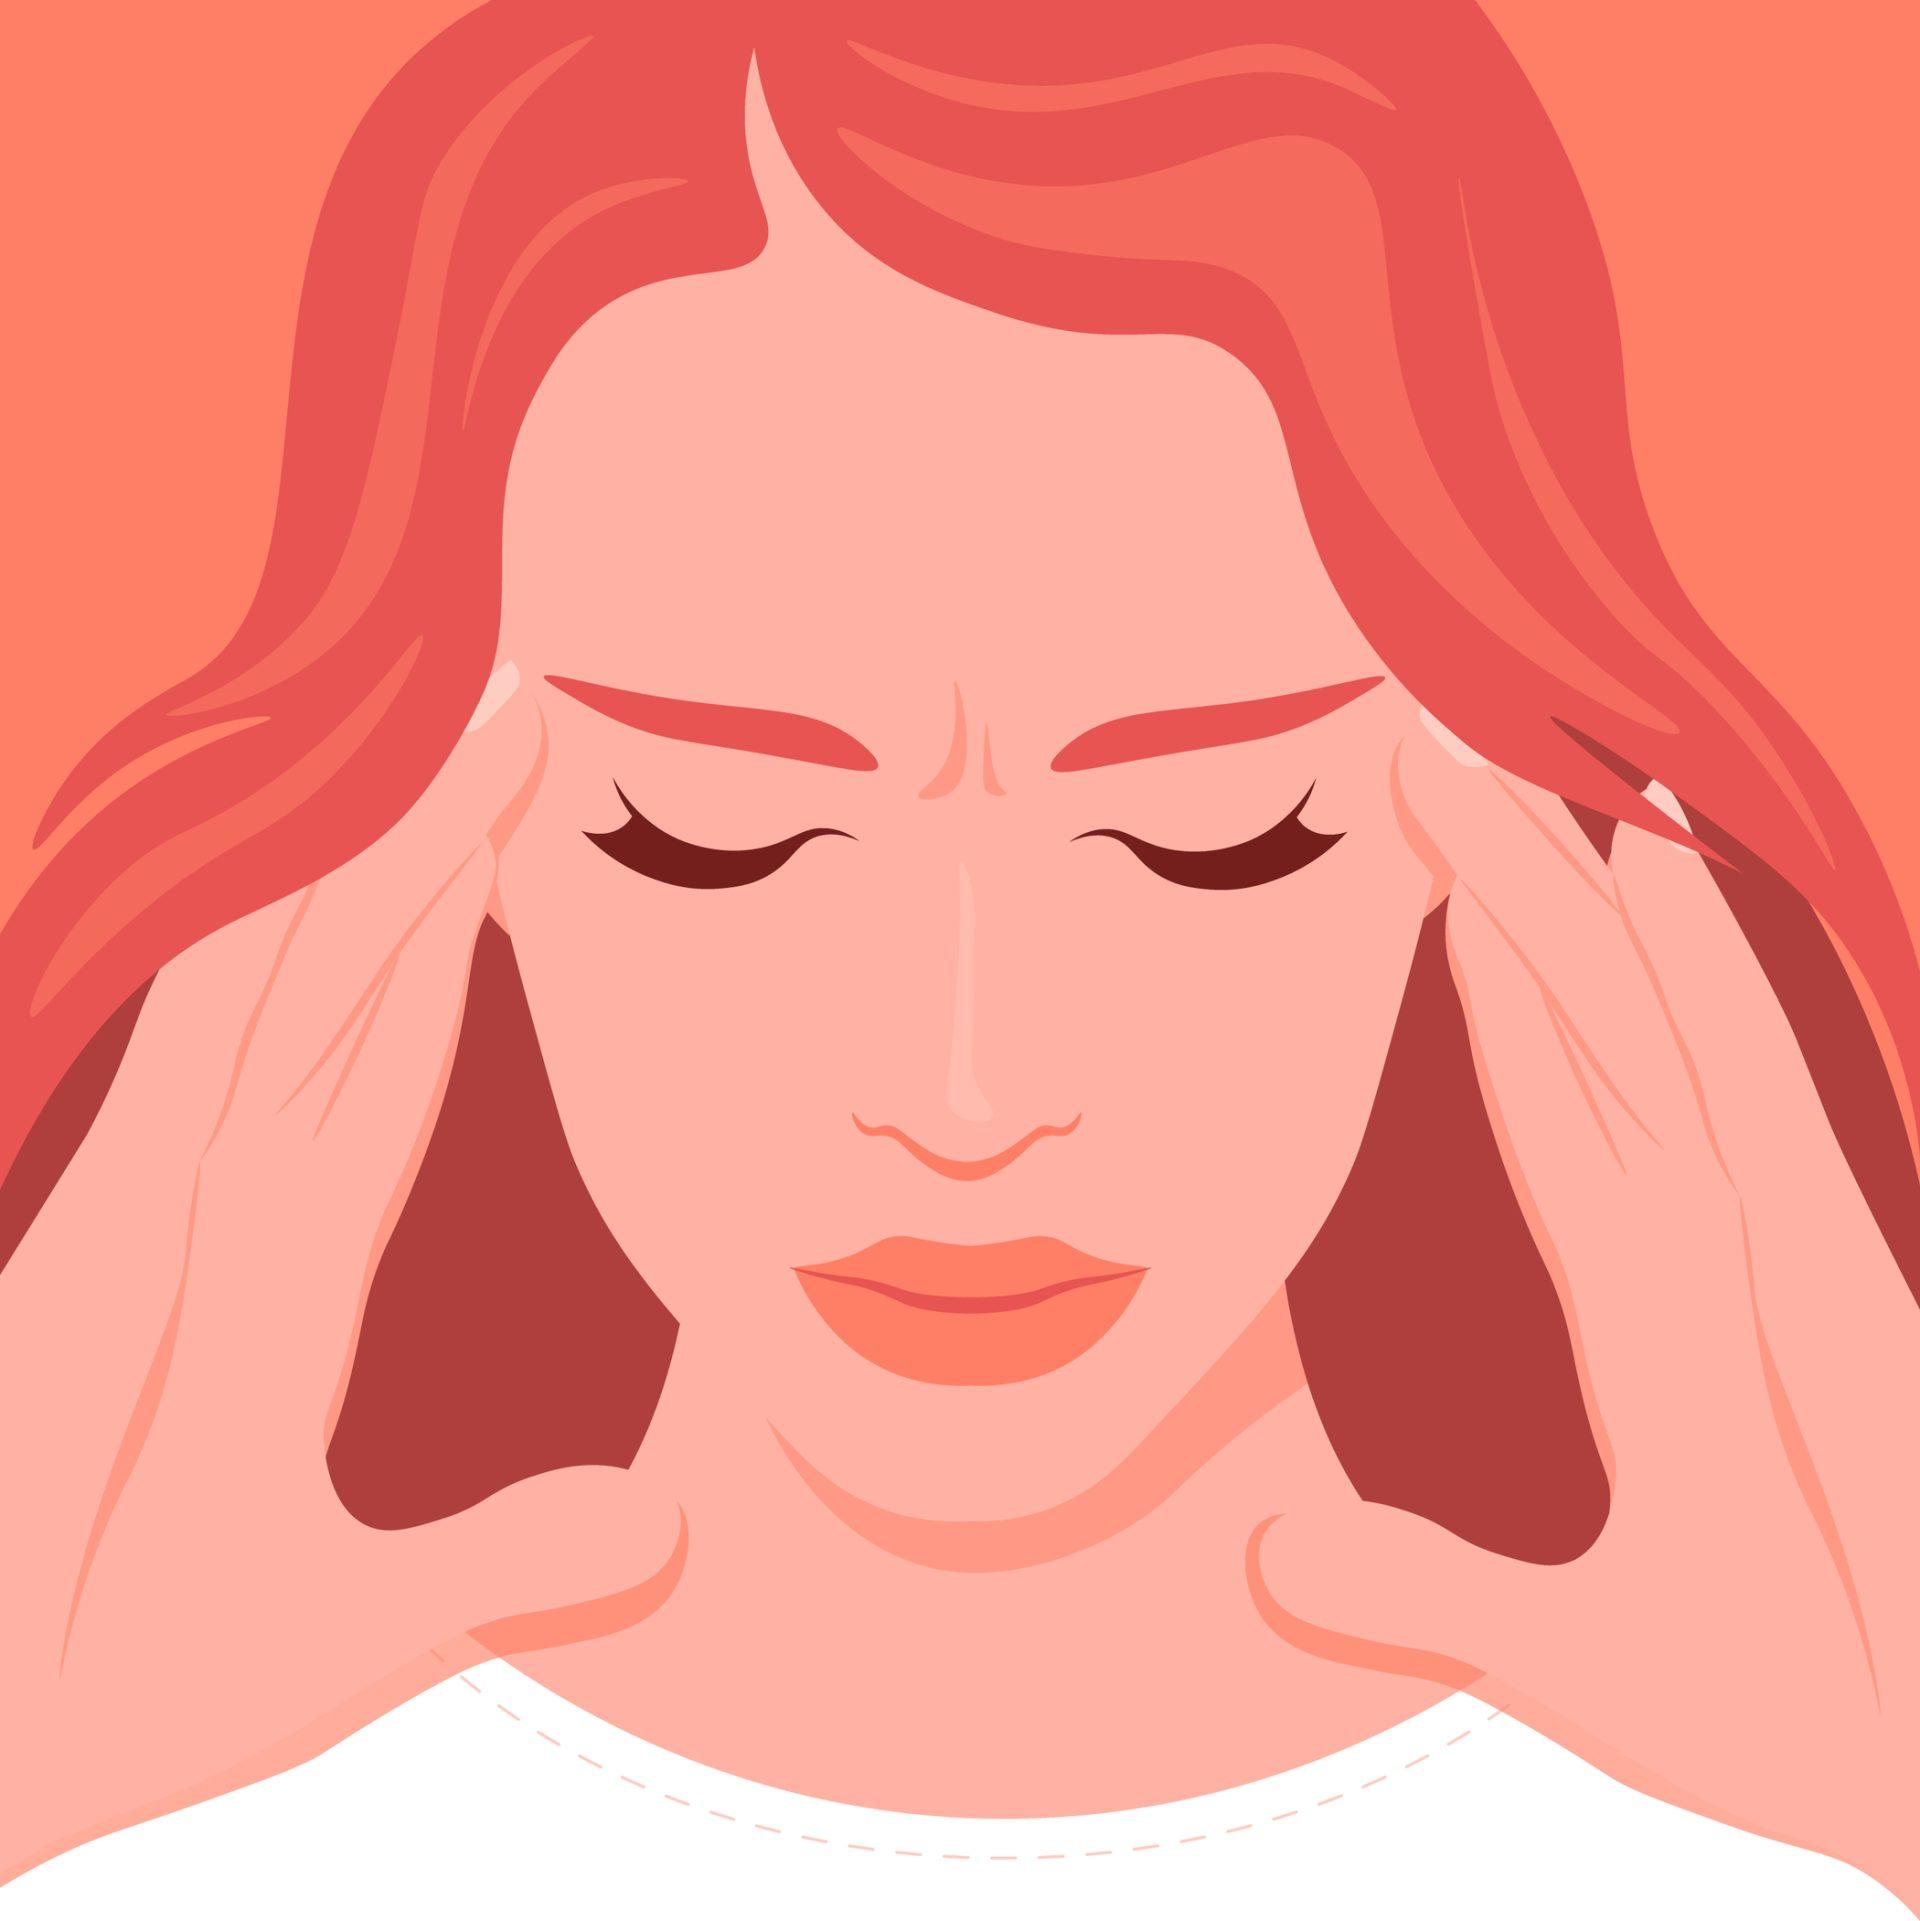 Cefaleea sau durerea de cap reprezintă una dintre cele mai frecvente probleme medicale. Tratamentul depinde de cauză.